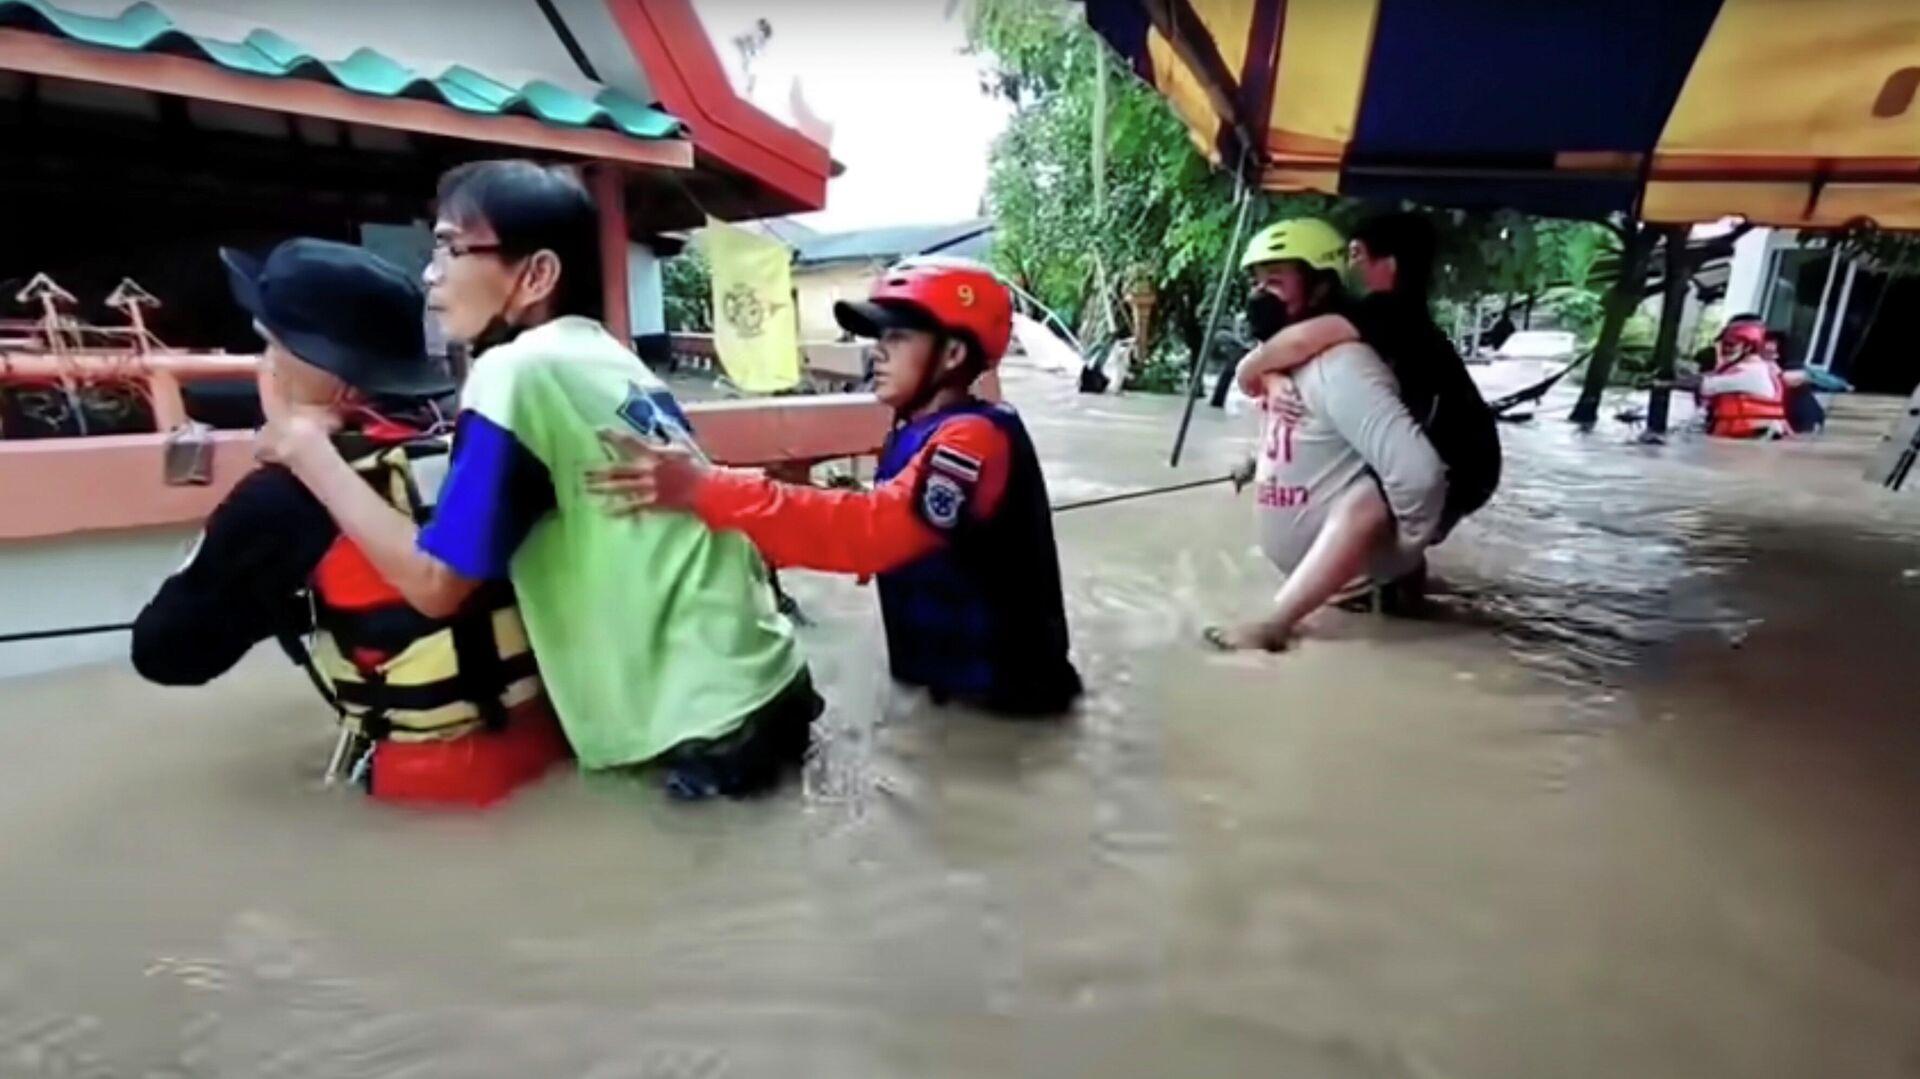 Rettungskräfte  in der thailändischen Provinz  Chaiyaphum bringen gefährdete Menschen in Sicherheit - SNA, 1920, 30.09.2021